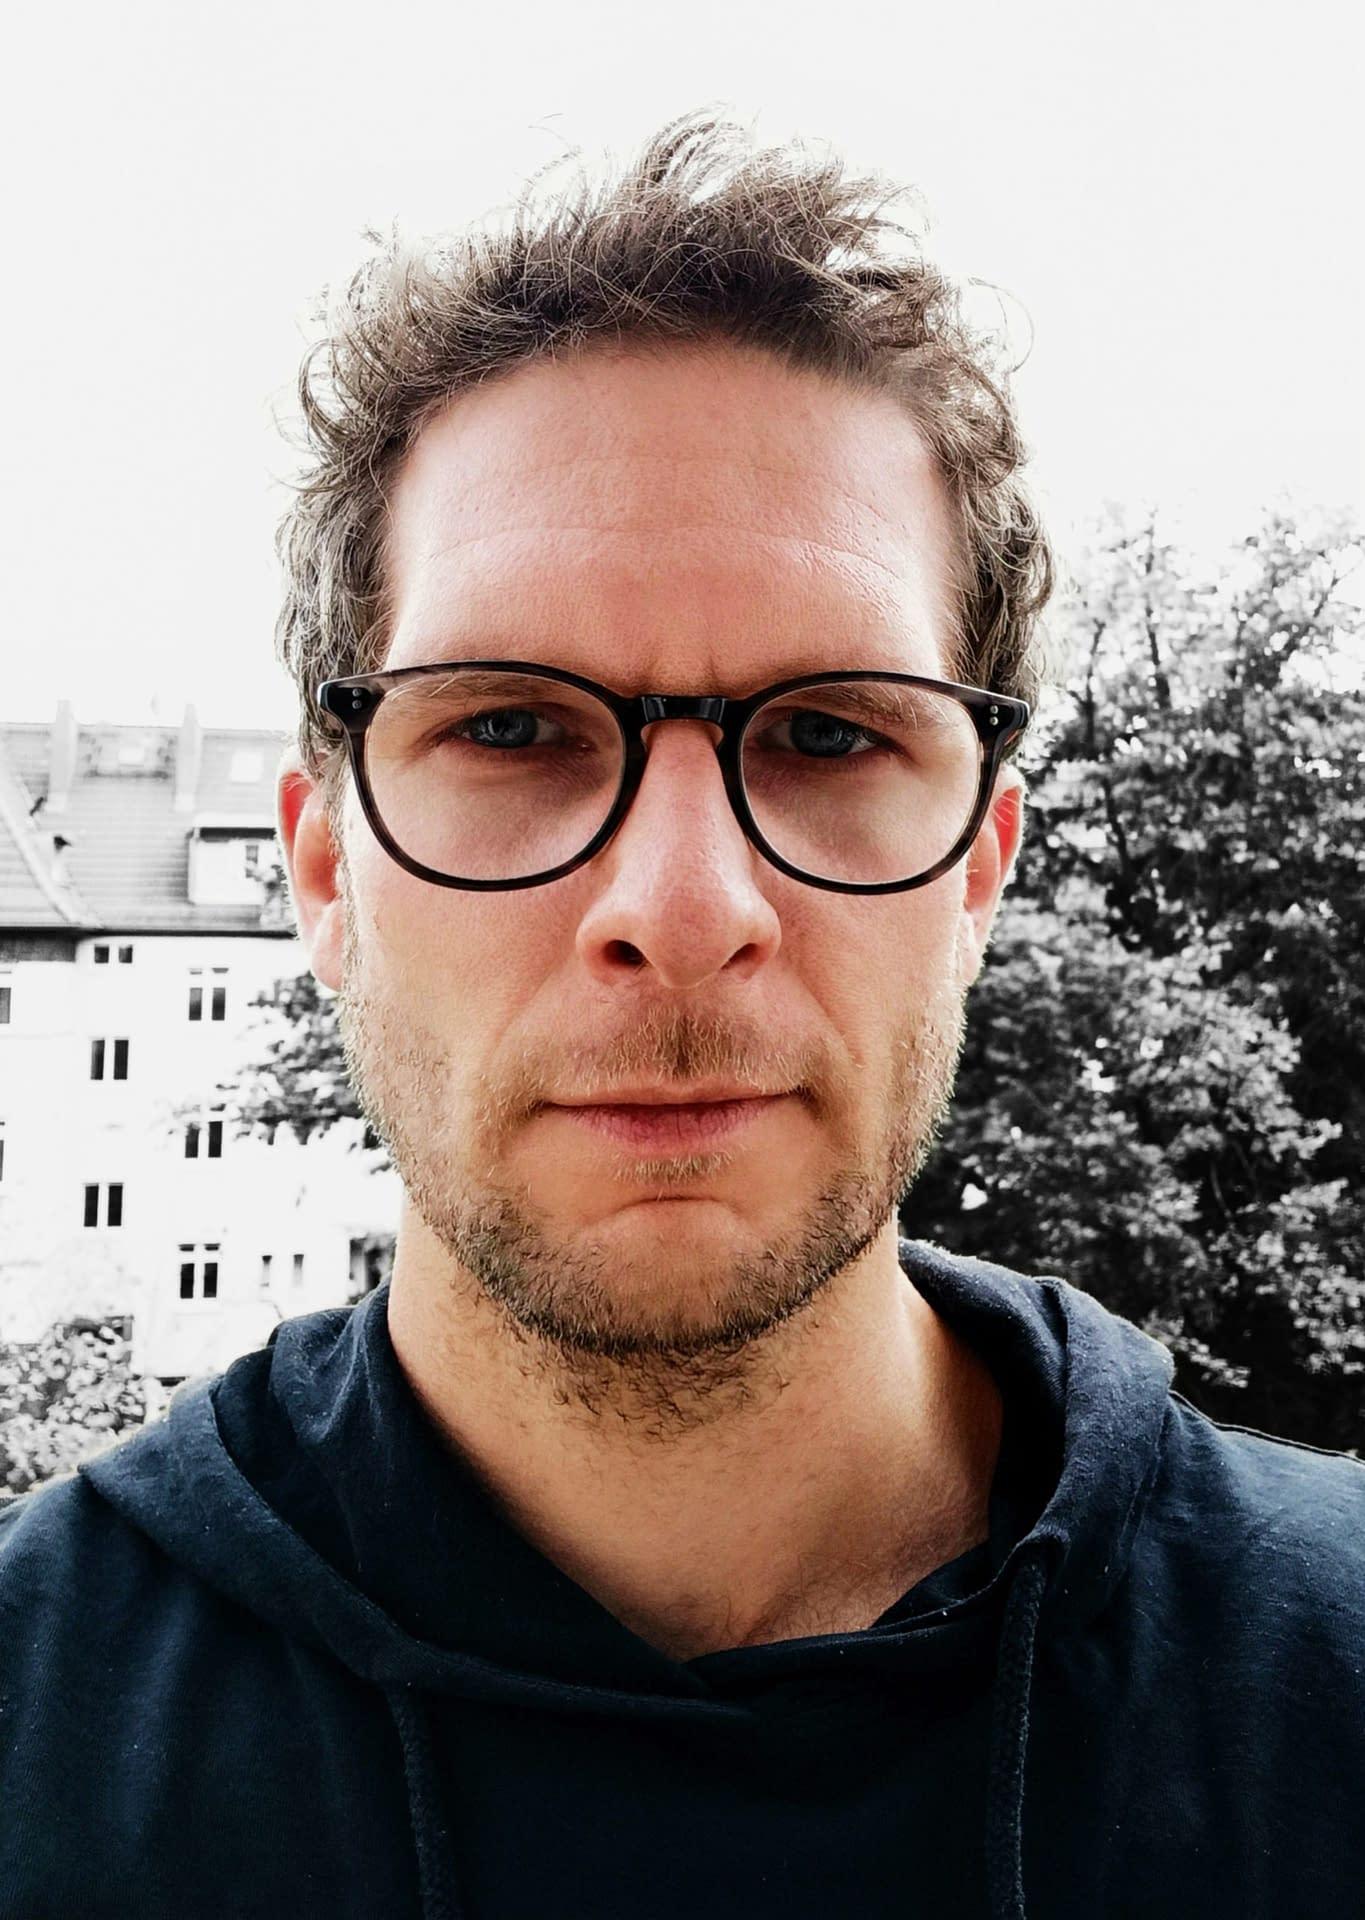 David Knewitz